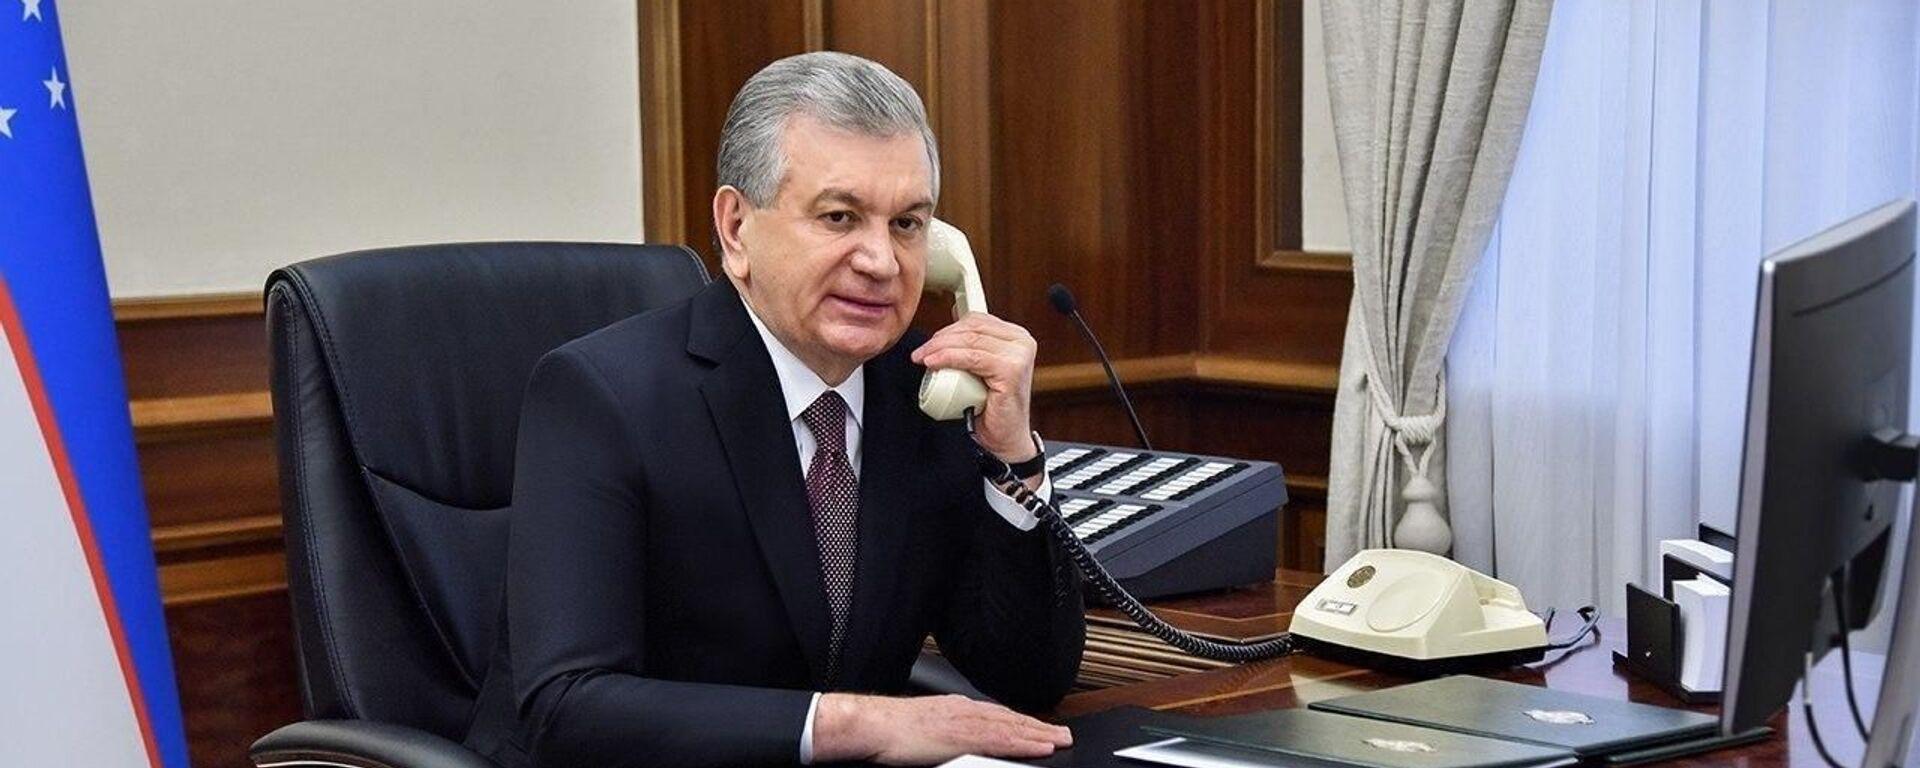 Президент Шавкат Мирзиёев разговаривает по телефону - Sputnik Ўзбекистон, 1920, 18.08.2021